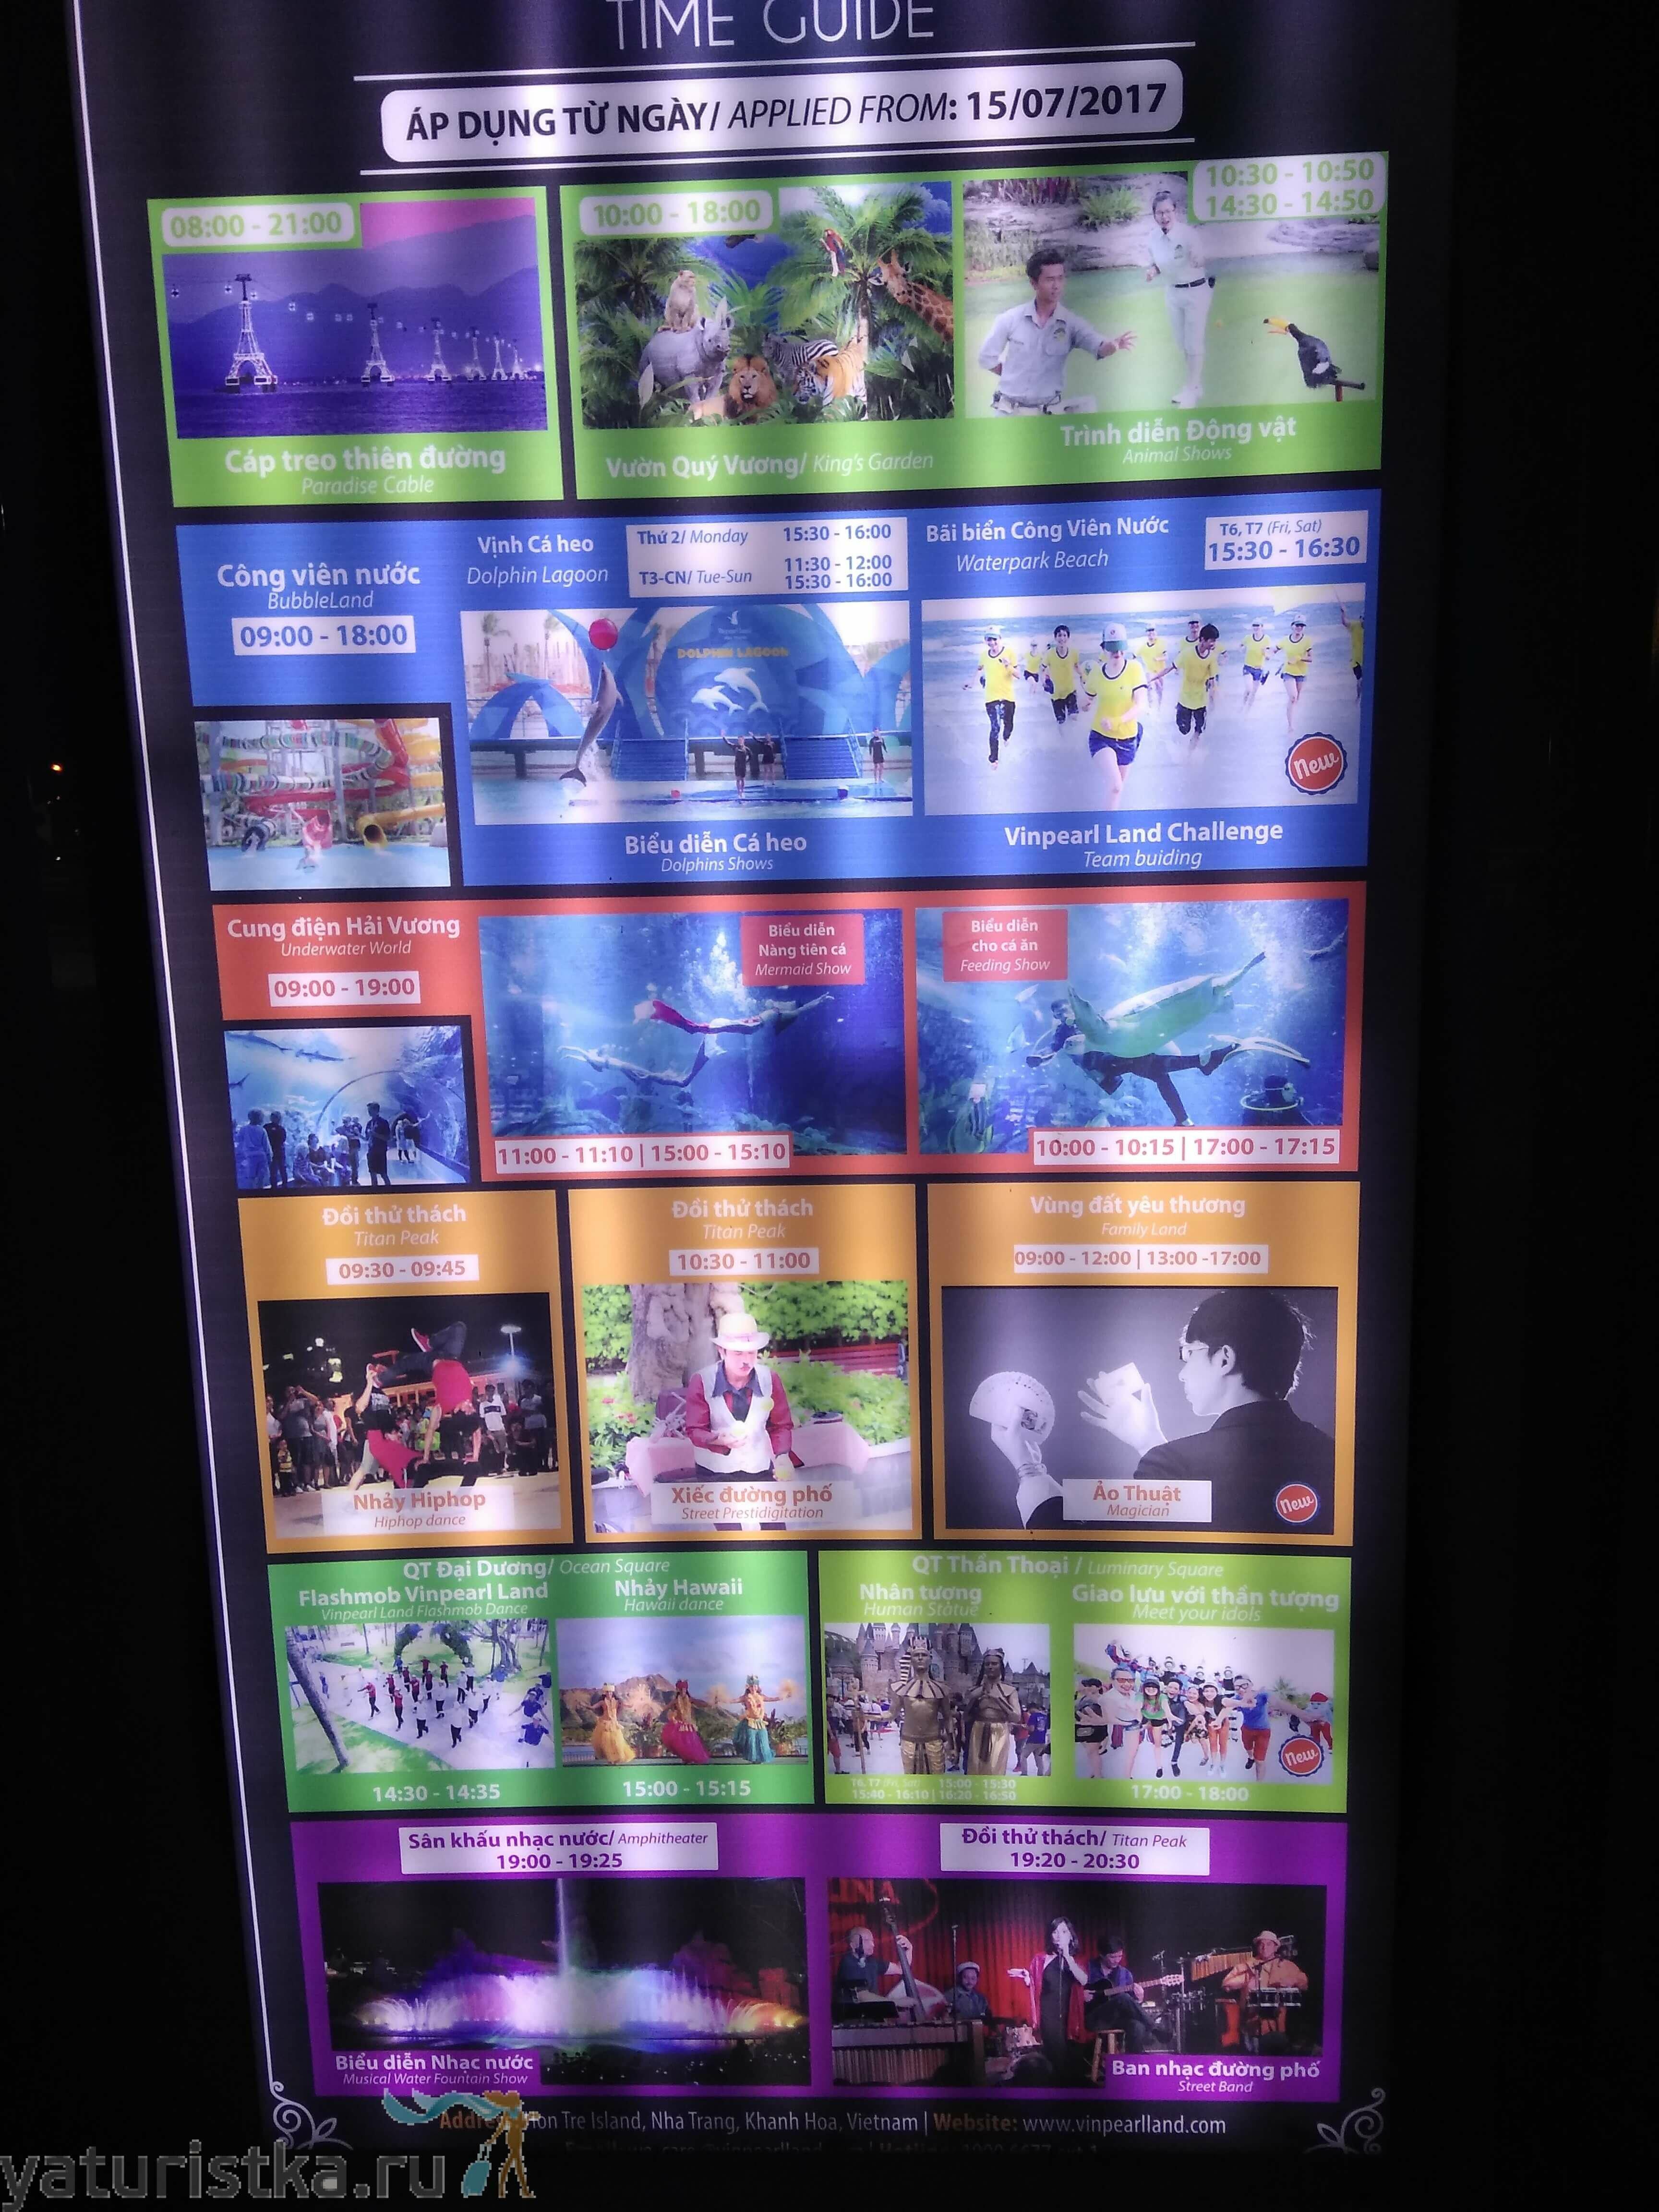 Расписание шоу на острове Винперл в Нячанге